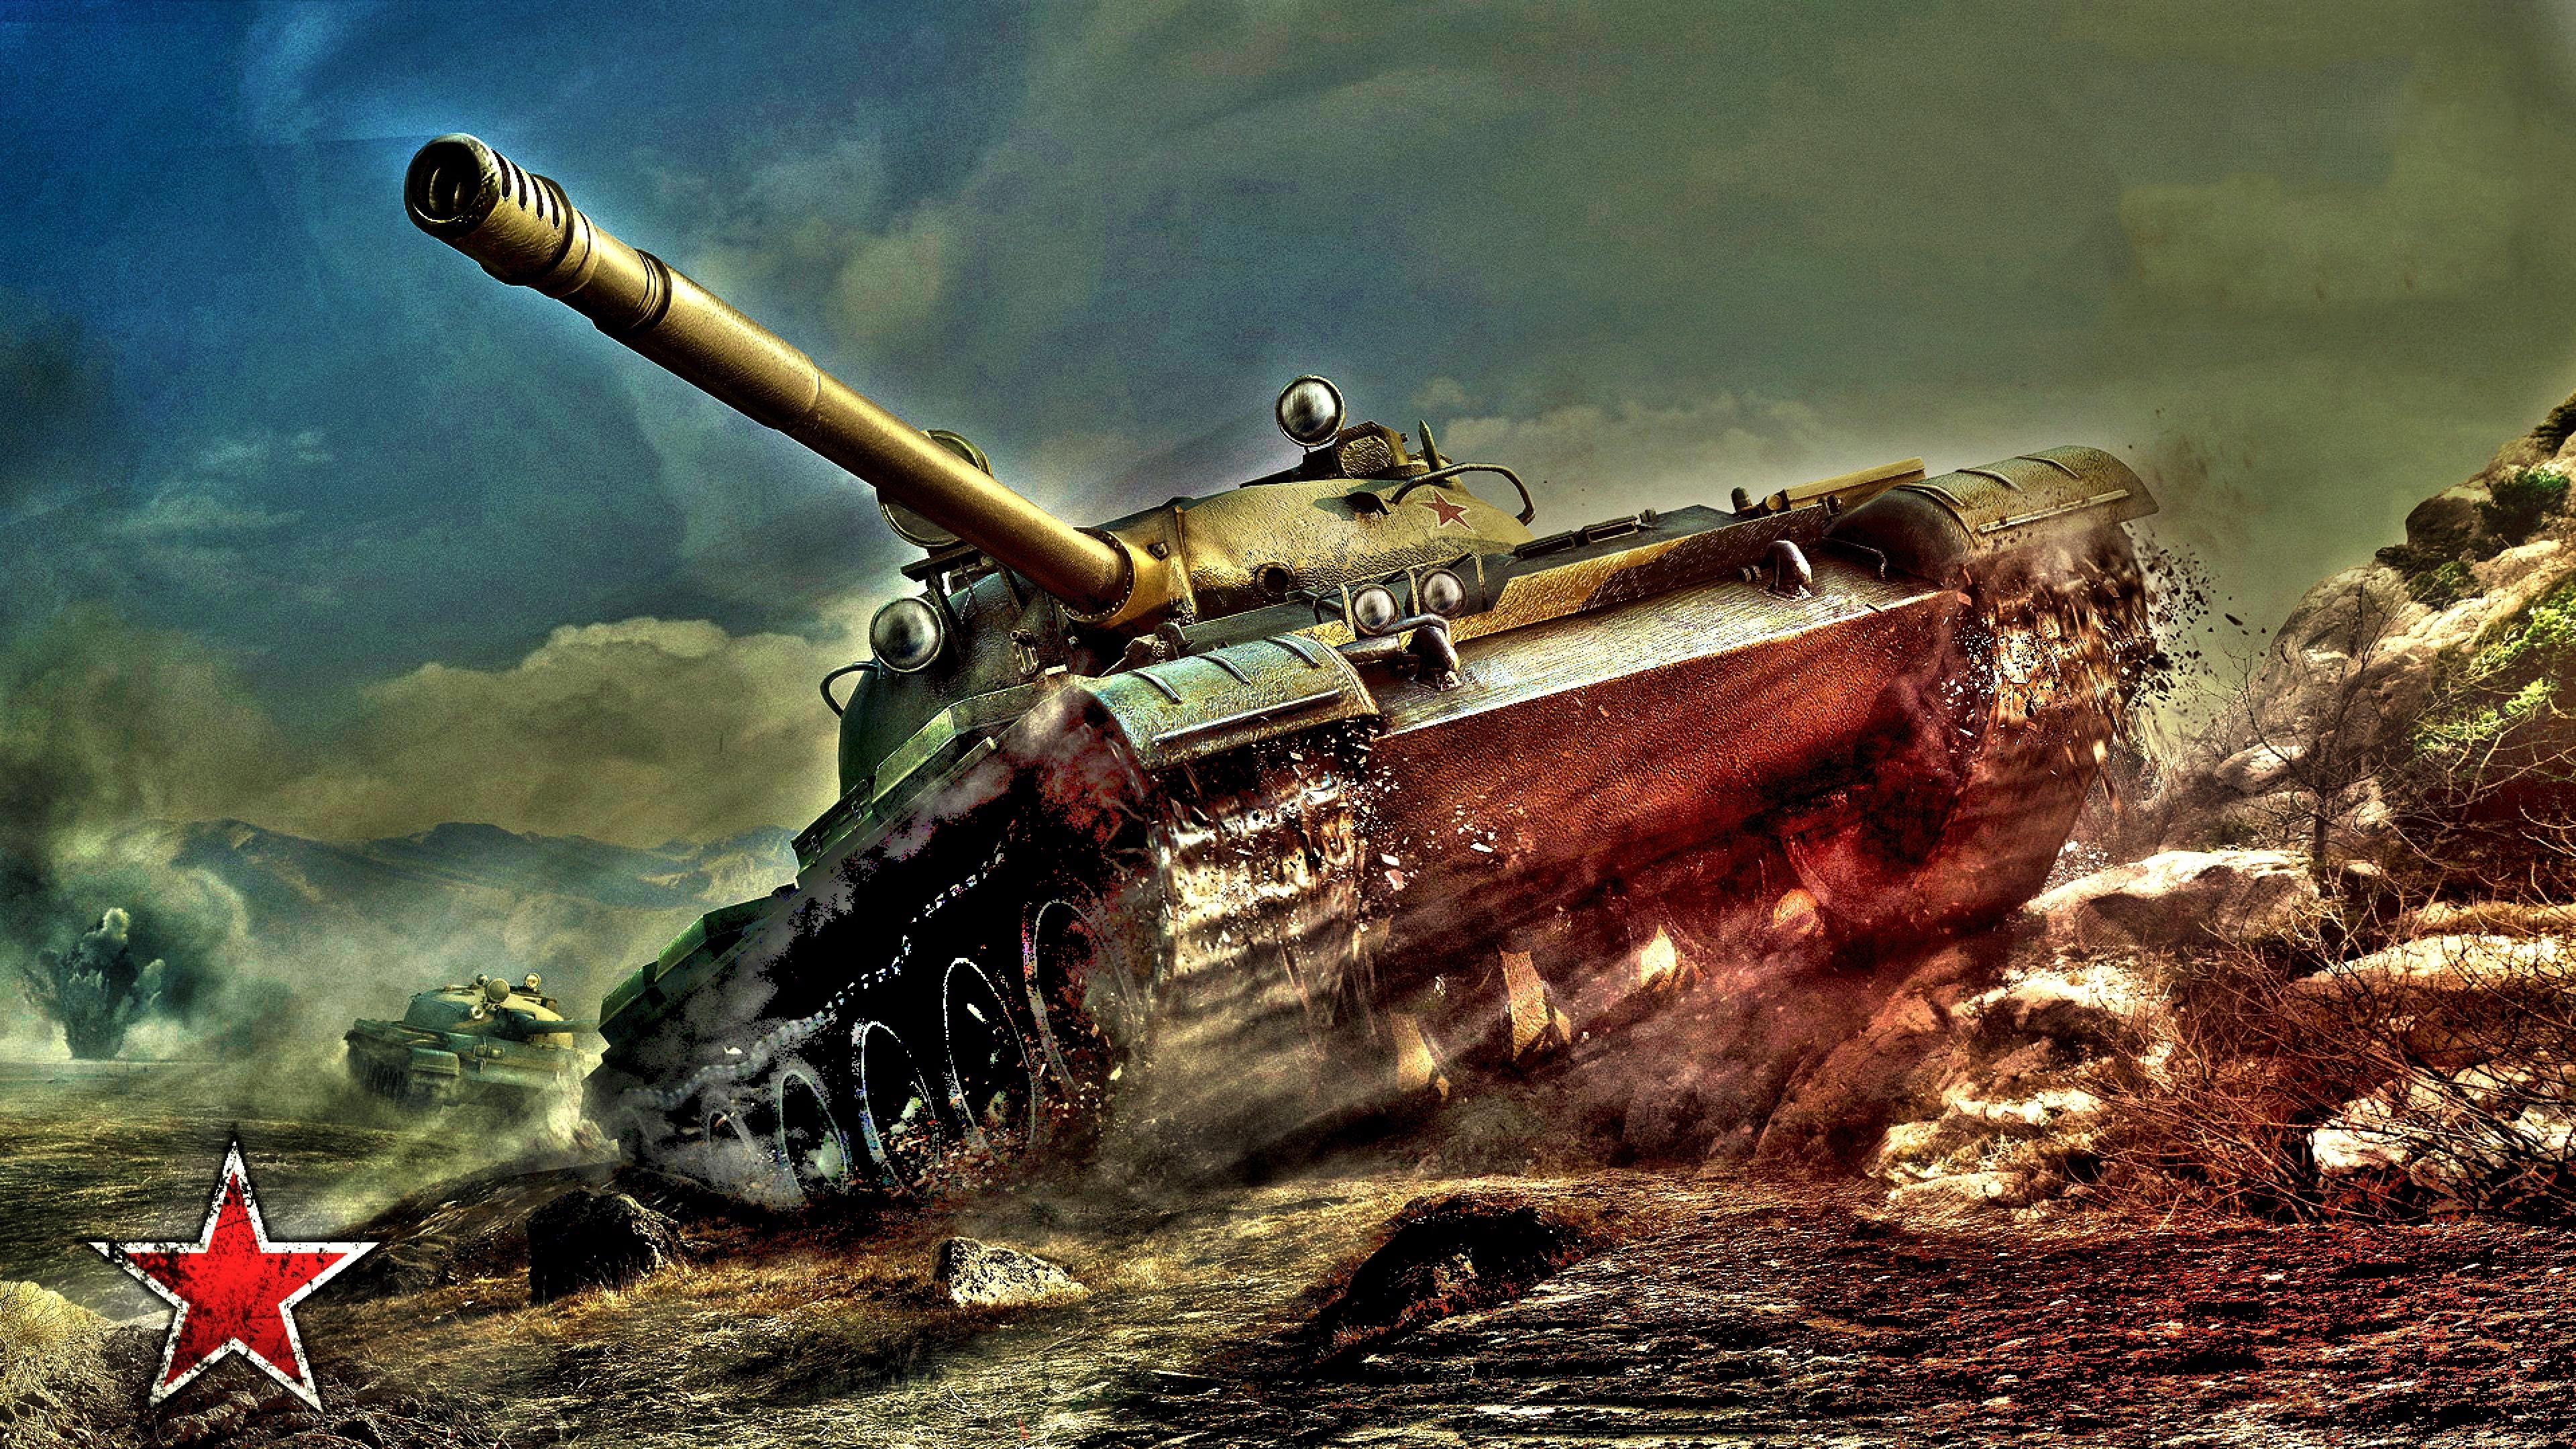 world-of-tanks-2.jpg